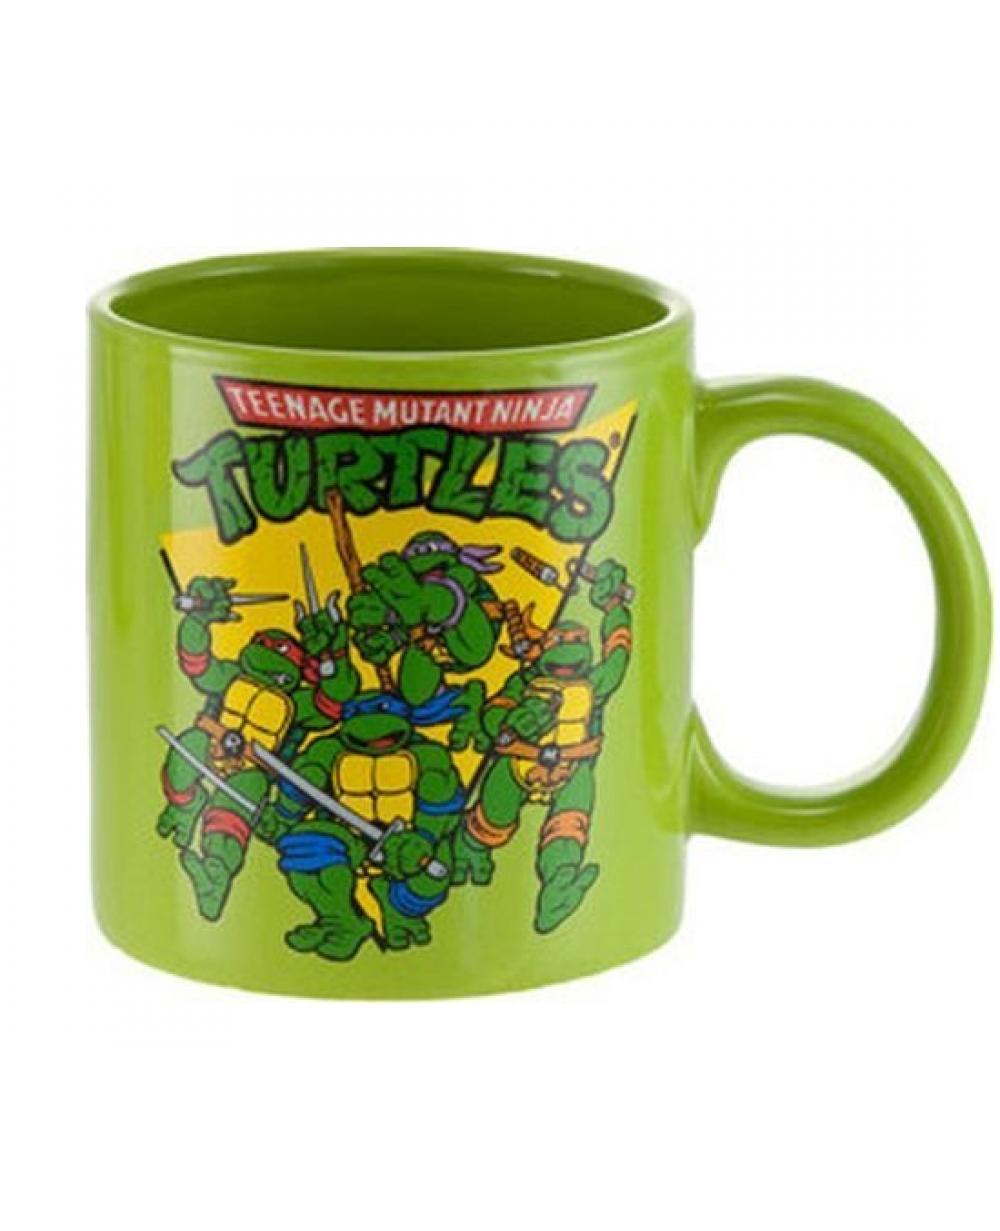 Teenage Mutant Ninja Turtles Turtle Power 20 oz Embossed Ceramic Coffee Mug NEW